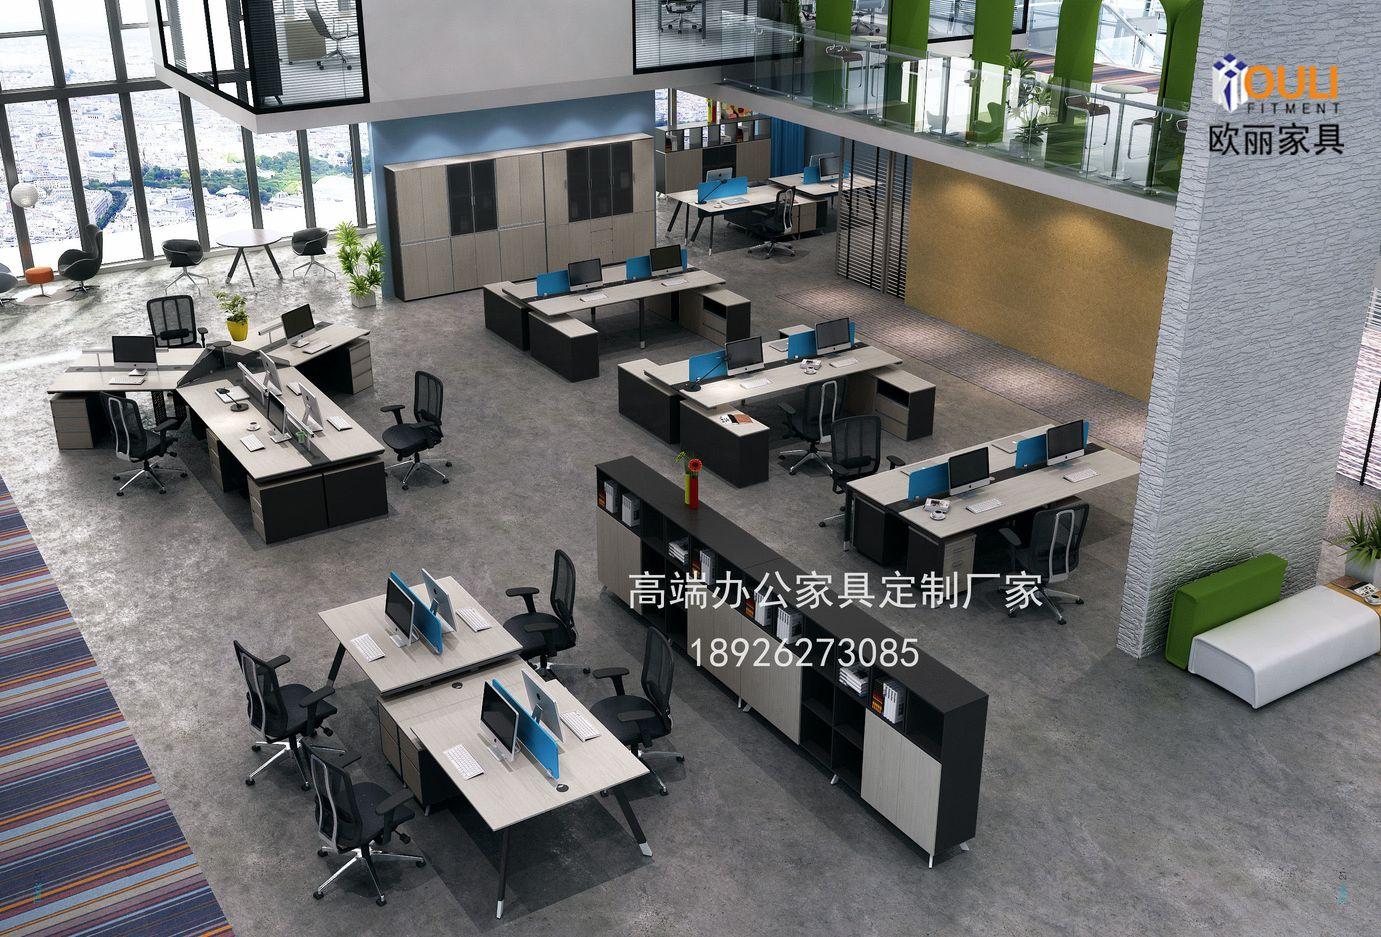 廣州歐麗辦公家具定制廠家_辦公家具配套設計方案_免費上門量尺